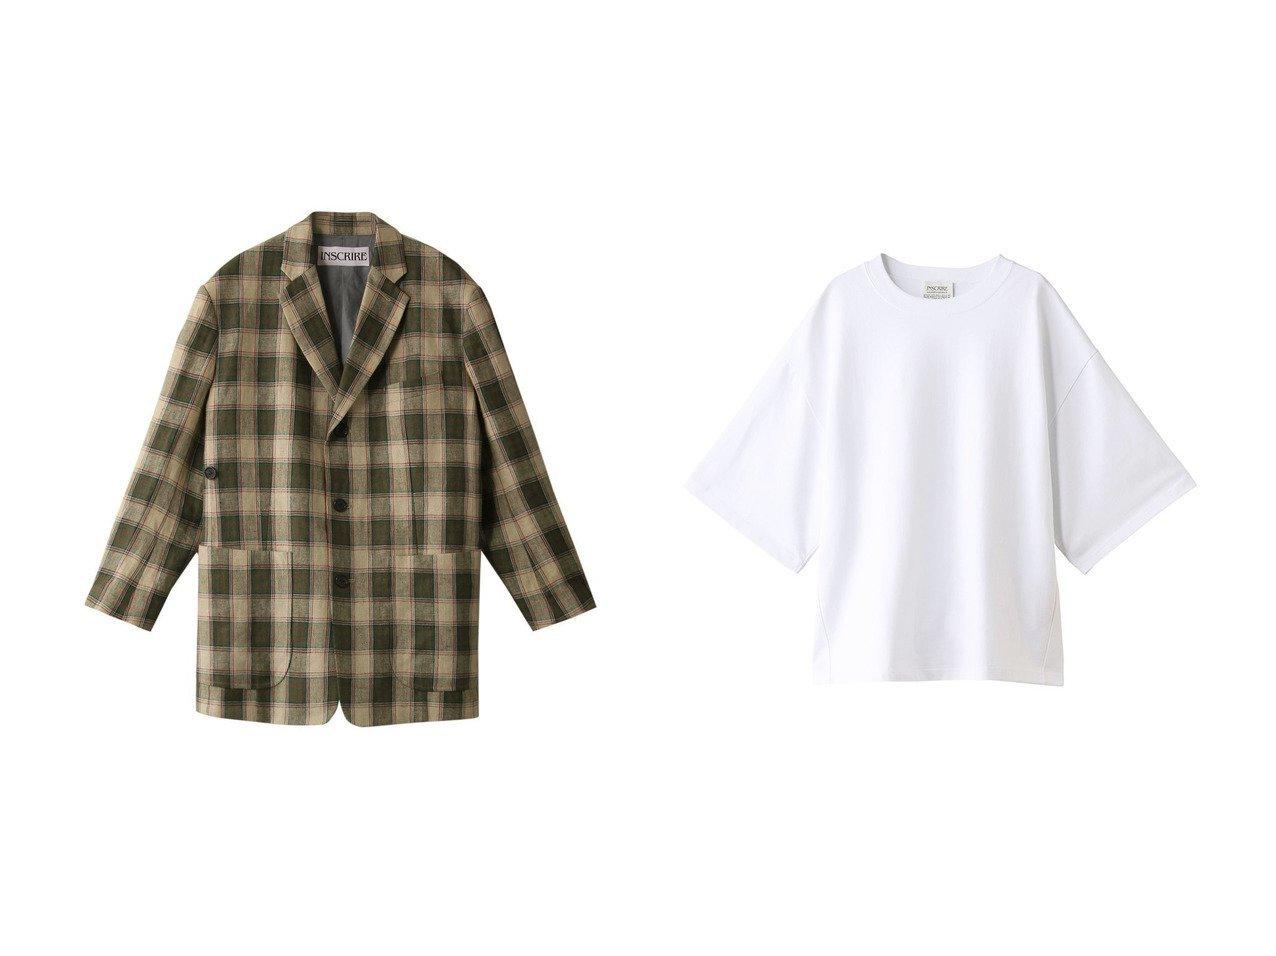 【INSCRIRE/アンスクリア】のロイヤルオーガニックコットンクルーネックTシャツ&プレイドリネンキャンバスビッグジャケット INSCRIREのおすすめ!人気、トレンド・レディースファッションの通販 おすすめで人気の流行・トレンド、ファッションの通販商品 メンズファッション・キッズファッション・インテリア・家具・レディースファッション・服の通販 founy(ファニー) https://founy.com/ ファッション Fashion レディースファッション WOMEN アウター Coat Outerwear ジャケット Jackets トップス Tops Tshirt シャツ/ブラウス Shirts Blouses ロング / Tシャツ T-Shirts カットソー Cut and Sewn 2021年 2021 2021 春夏 S/S SS Spring/Summer 2021 S/S 春夏 SS Spring/Summer キャンバス ジャケット ビッグ ボトム リネン リラックス 春 Spring  ID:crp329100000019472